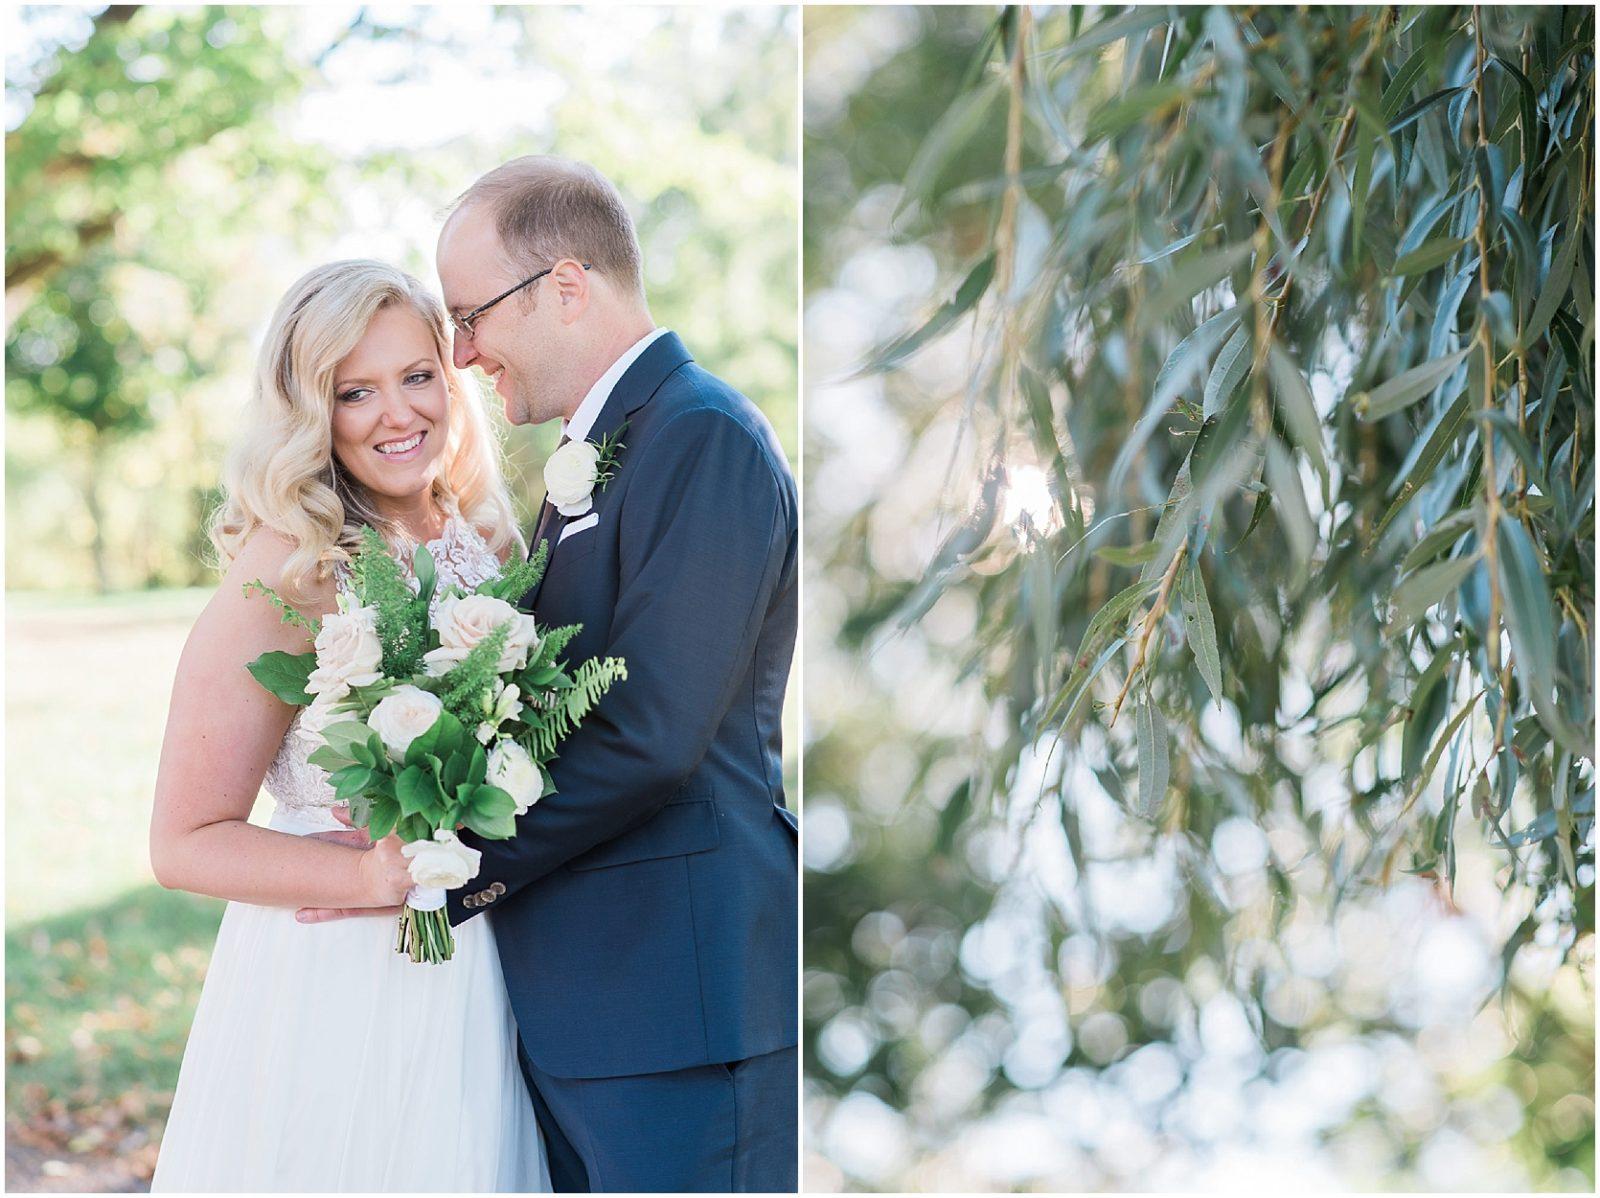 0050 SS-Late Summer Wedding at Zibi - Ottawa_PhotosbyEmmaH_WEB.jpg